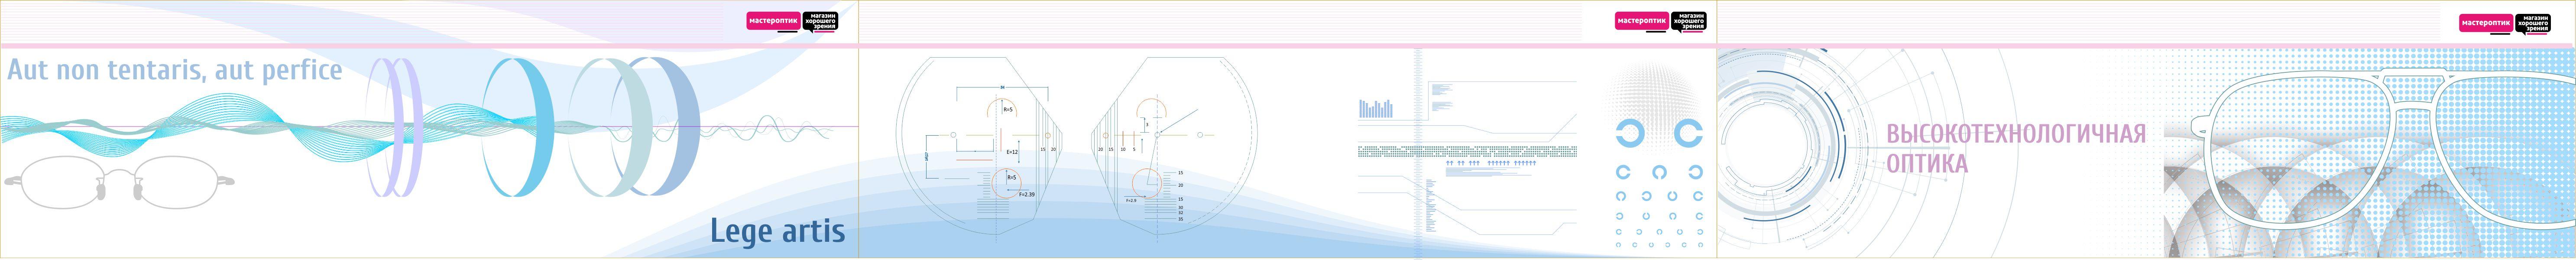 Создание нескольких графических панно для оптической компани фото f_7555904eb4219cb5.jpg